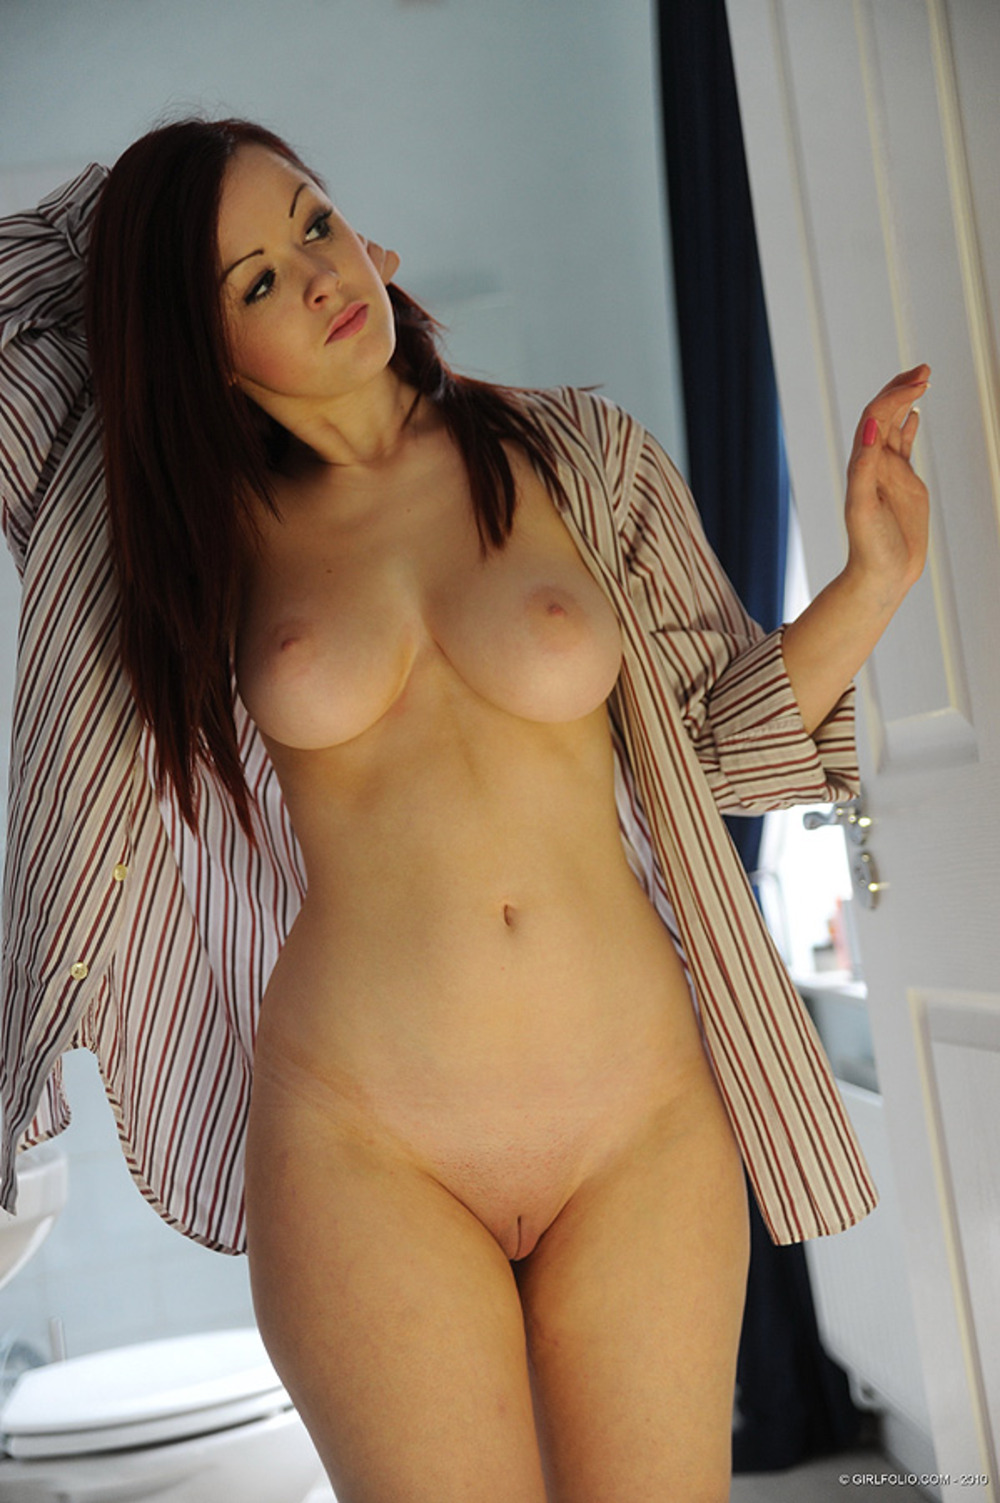 С голые фото девушки выпуклыми формами